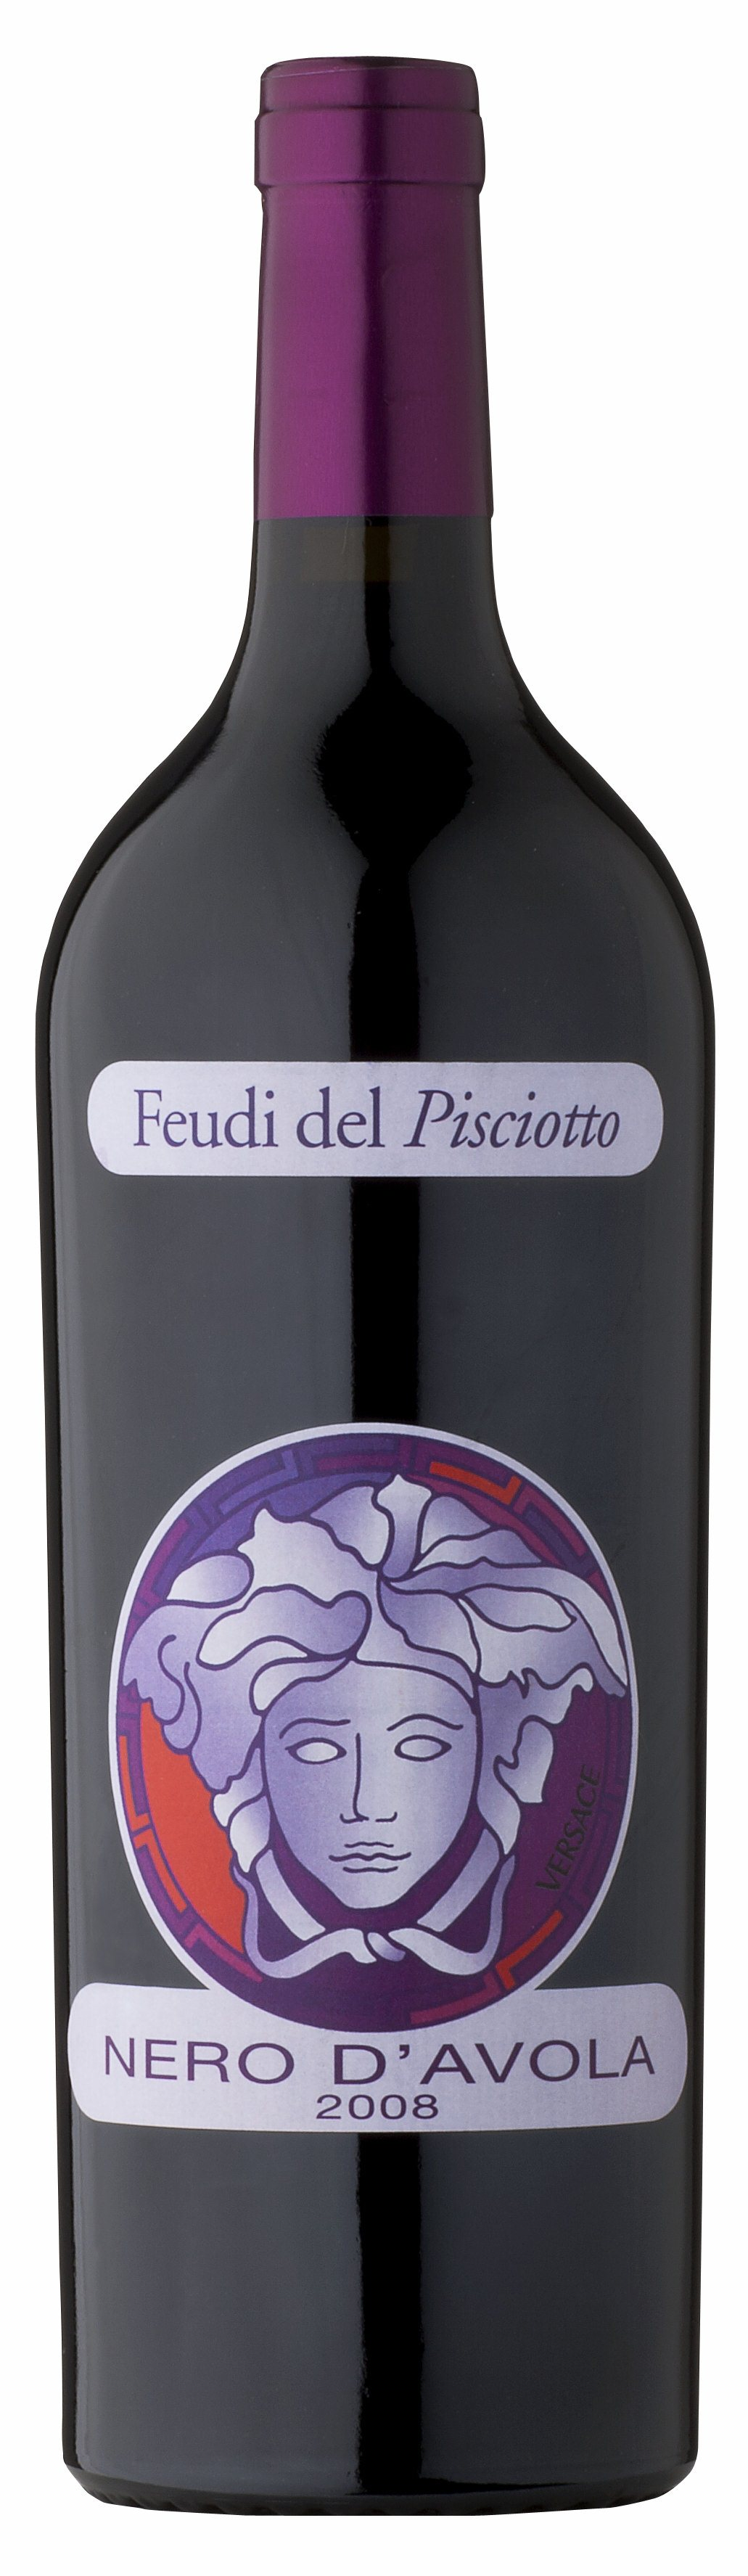 """""""Versace"""" Nero d'Avola Terre Siciliane, 2018 750 ML Feudi del Pisciotto"""